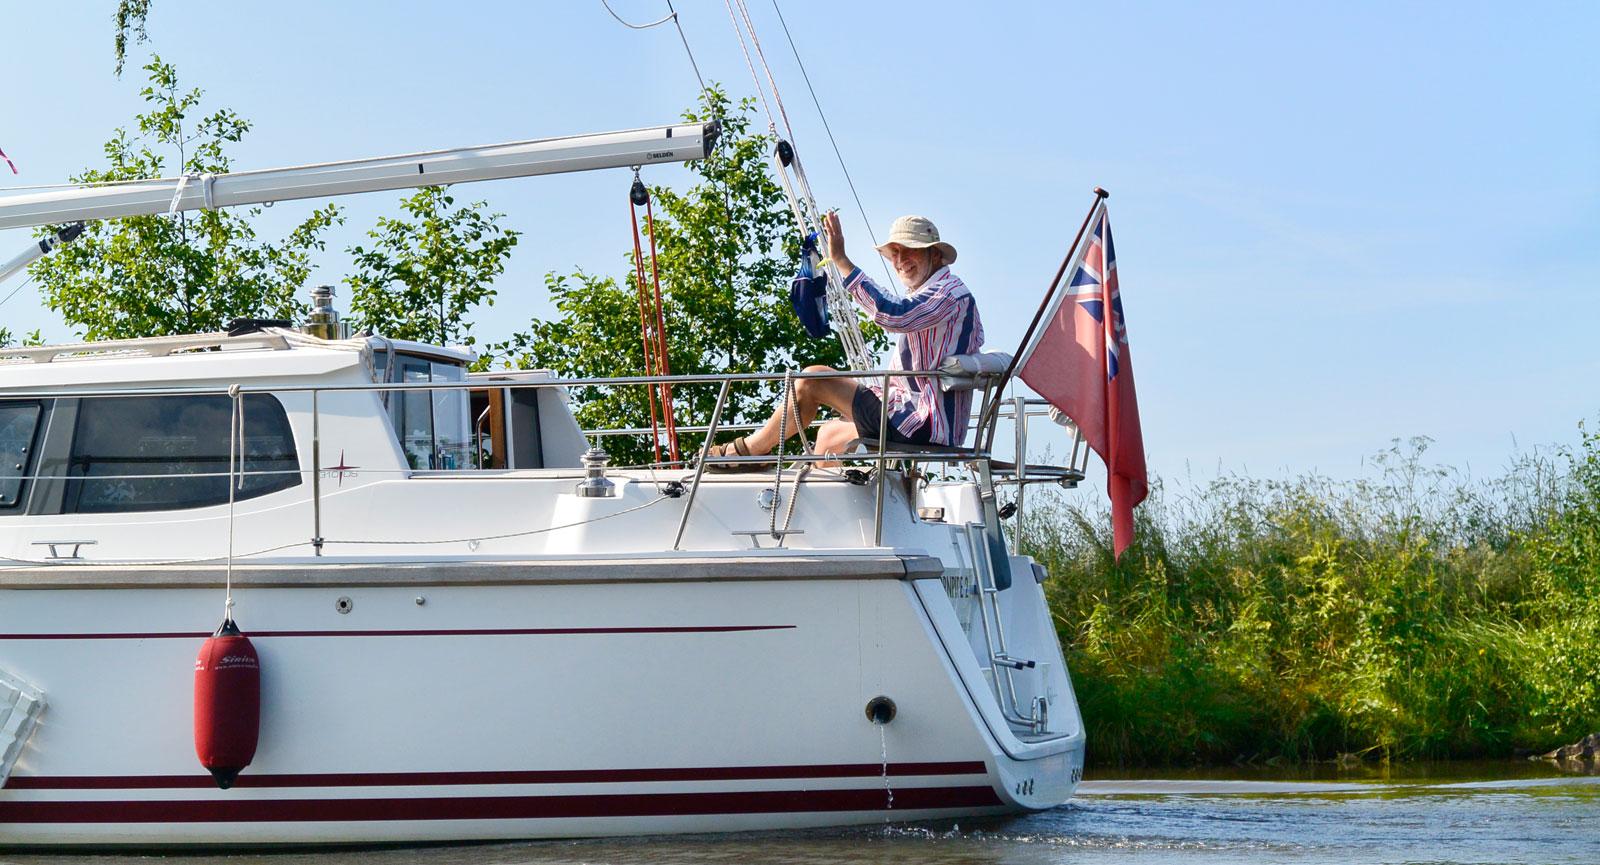 Trevliga semesterfirare finns det gott om längs Göta kanal, både på land och vatten.